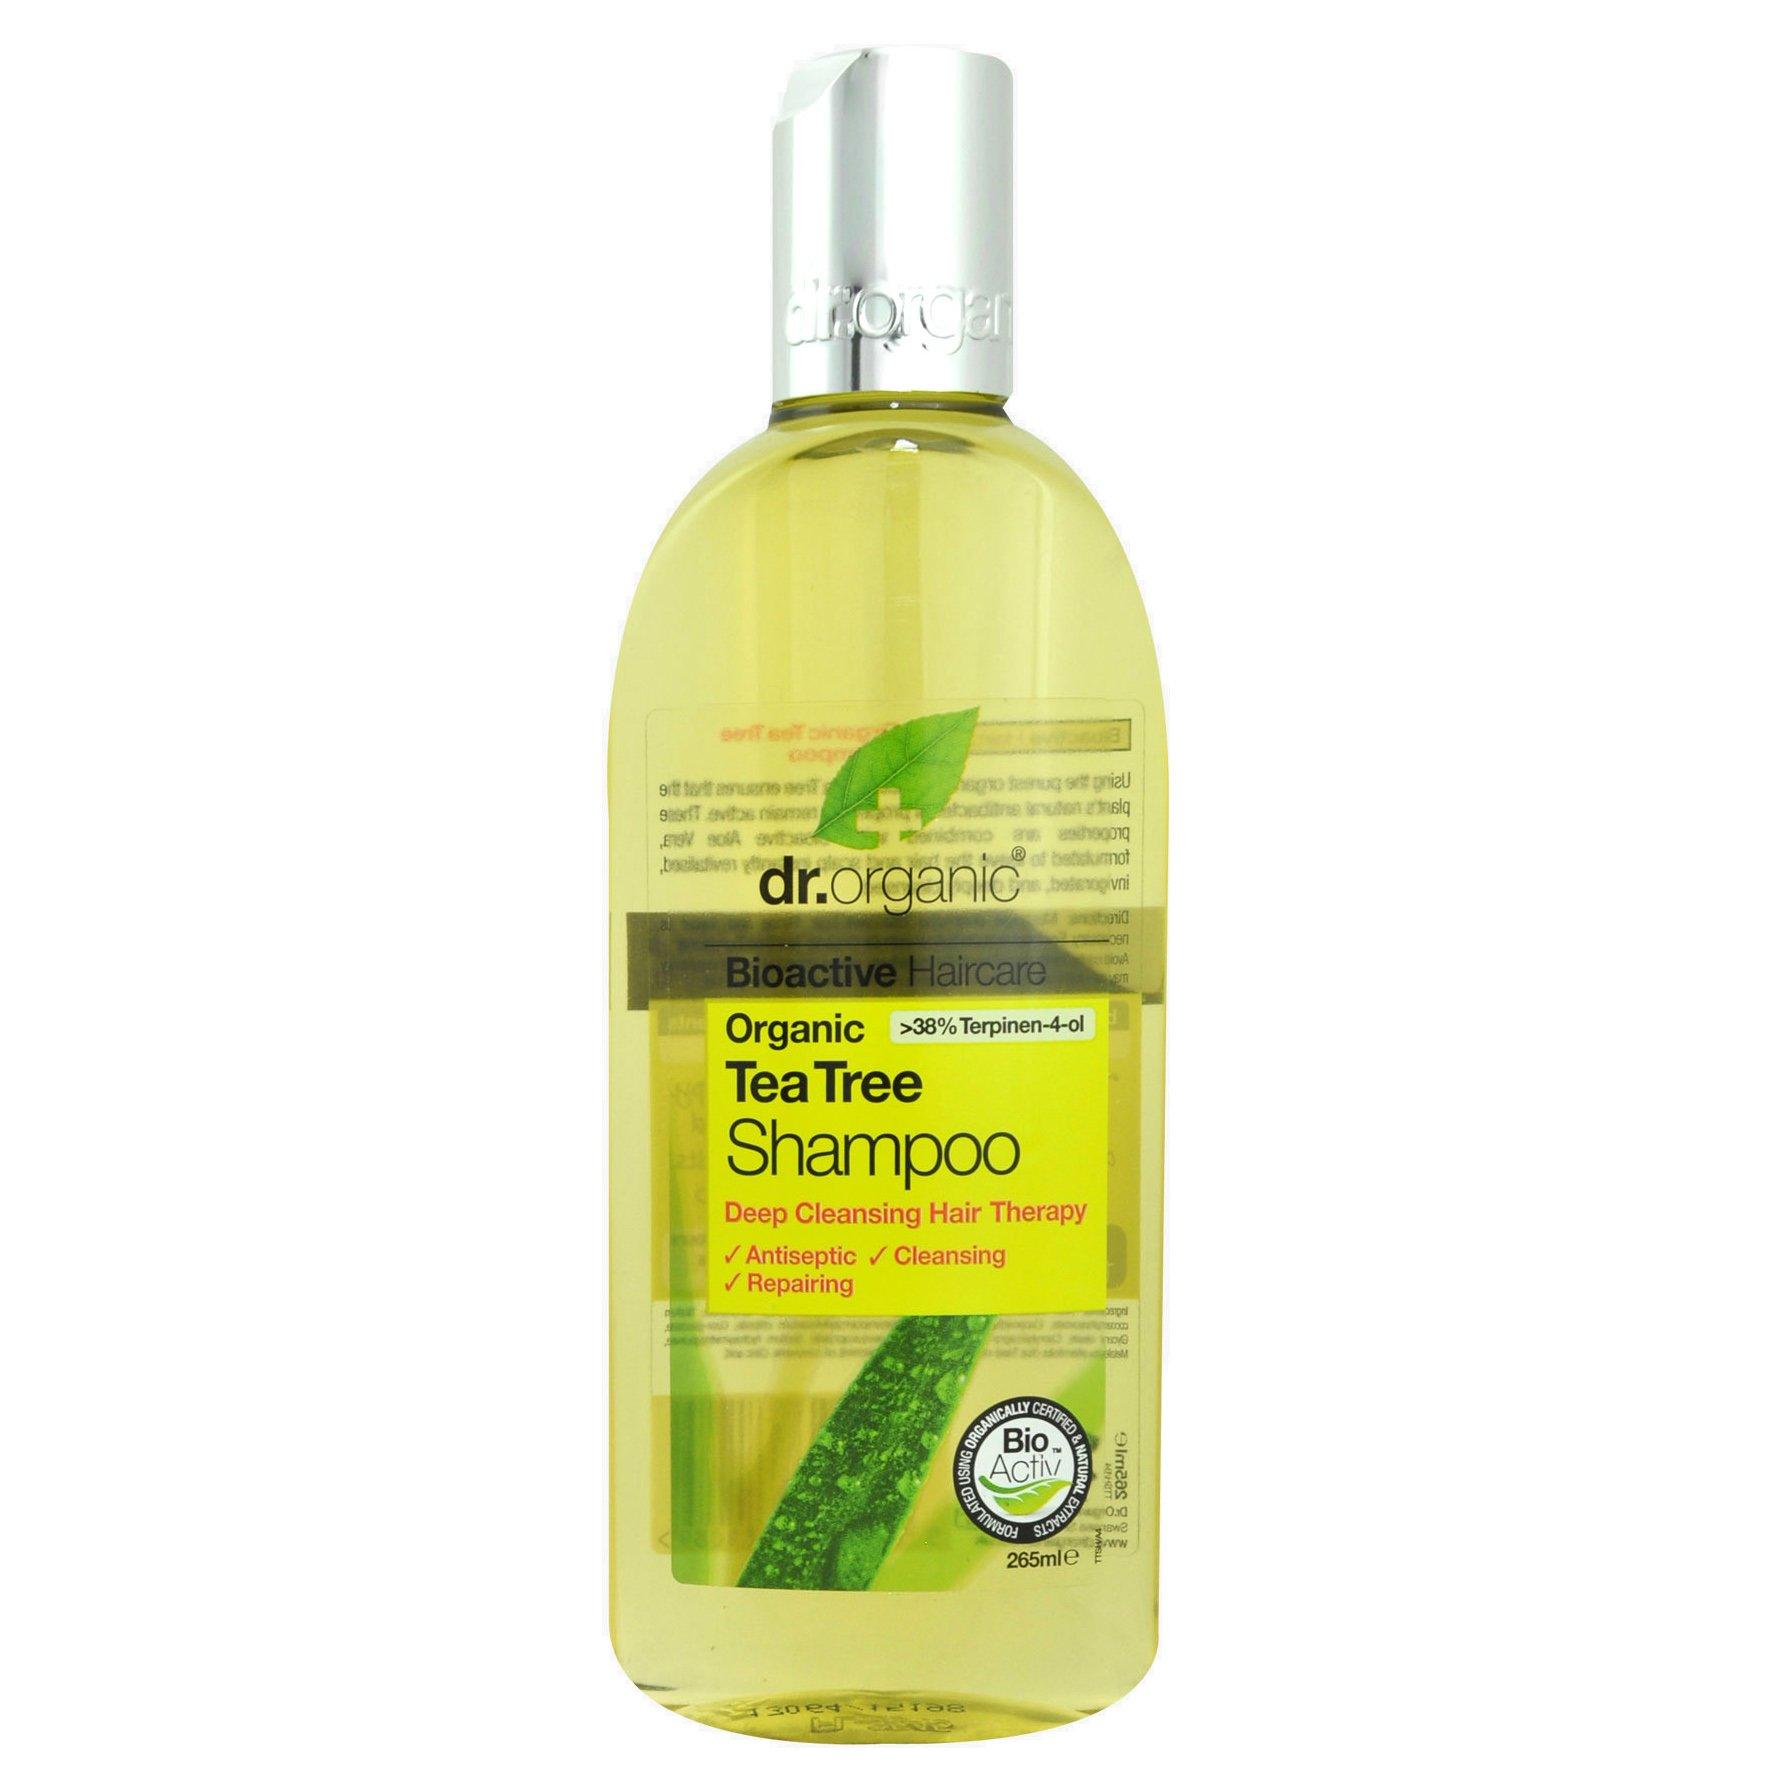 Dr Organic Tea Tree Shampoo Καταπραϋντικό & Ενυδατικό Σαμπουάν με Βιολογικό Τεϊόδεντρο 265ml